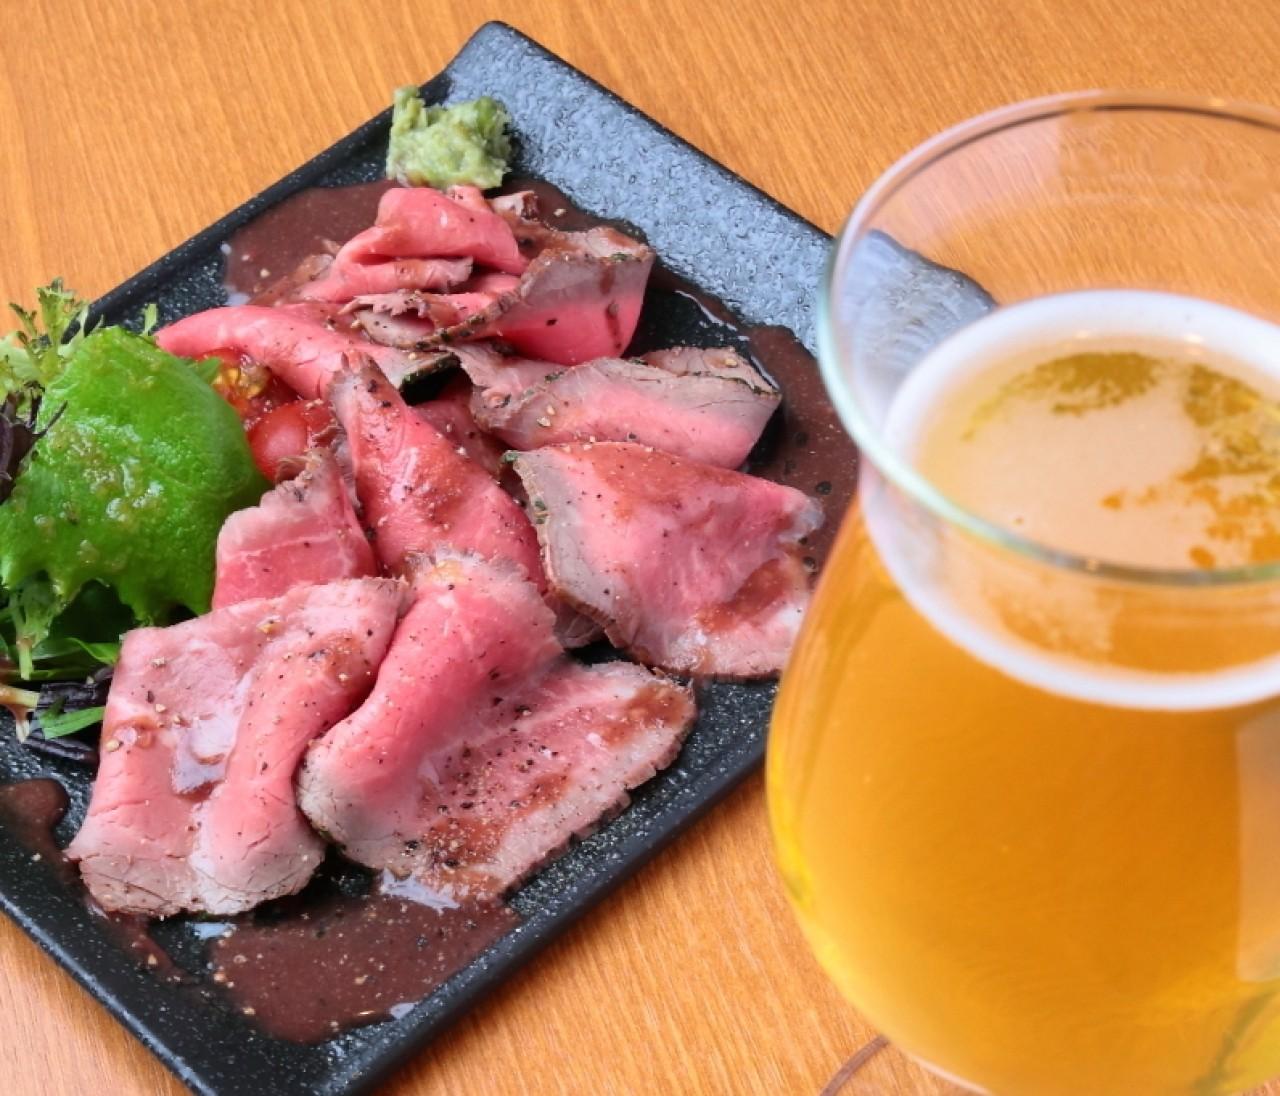 スペシャリストが国内外から厳選。クラフトビールで乾杯!②【関西のイケスポ】